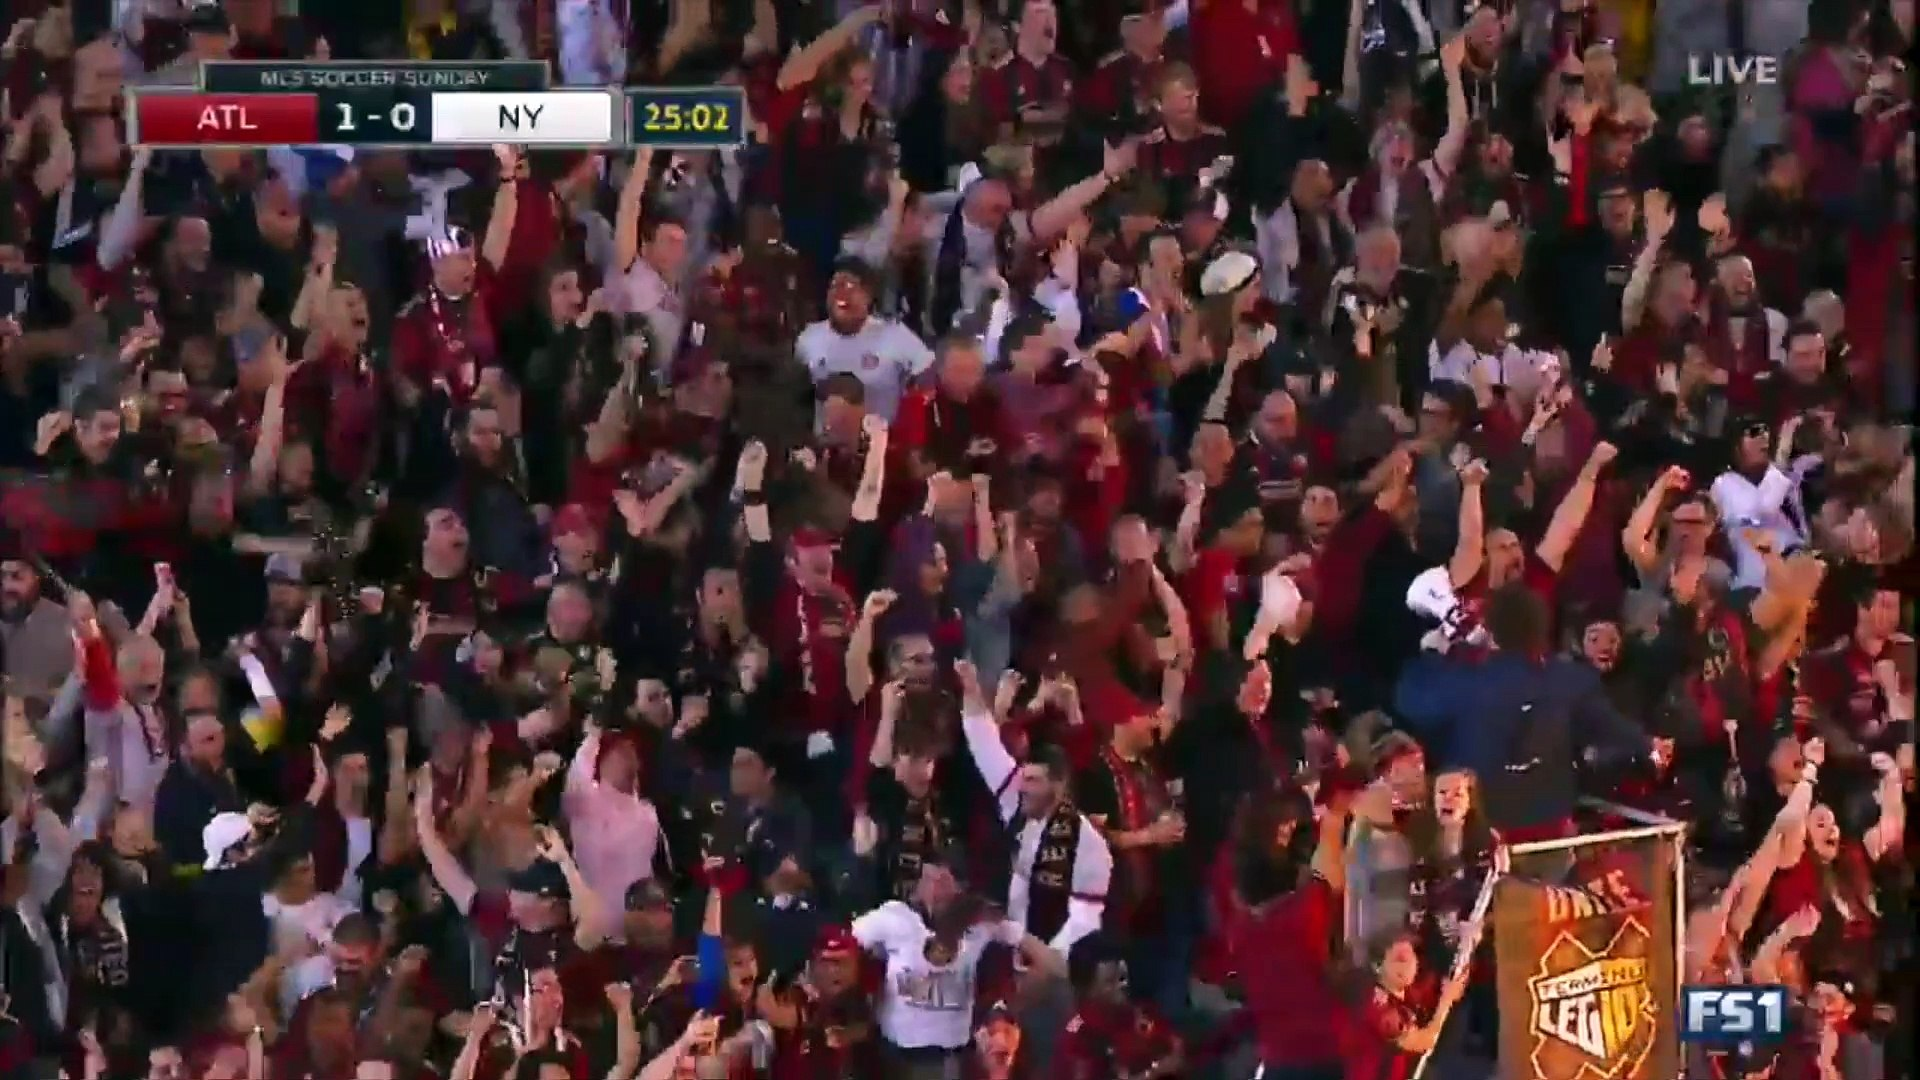 Le premier but en MLS de l'équipe Atlanta United rend fou ses supporters